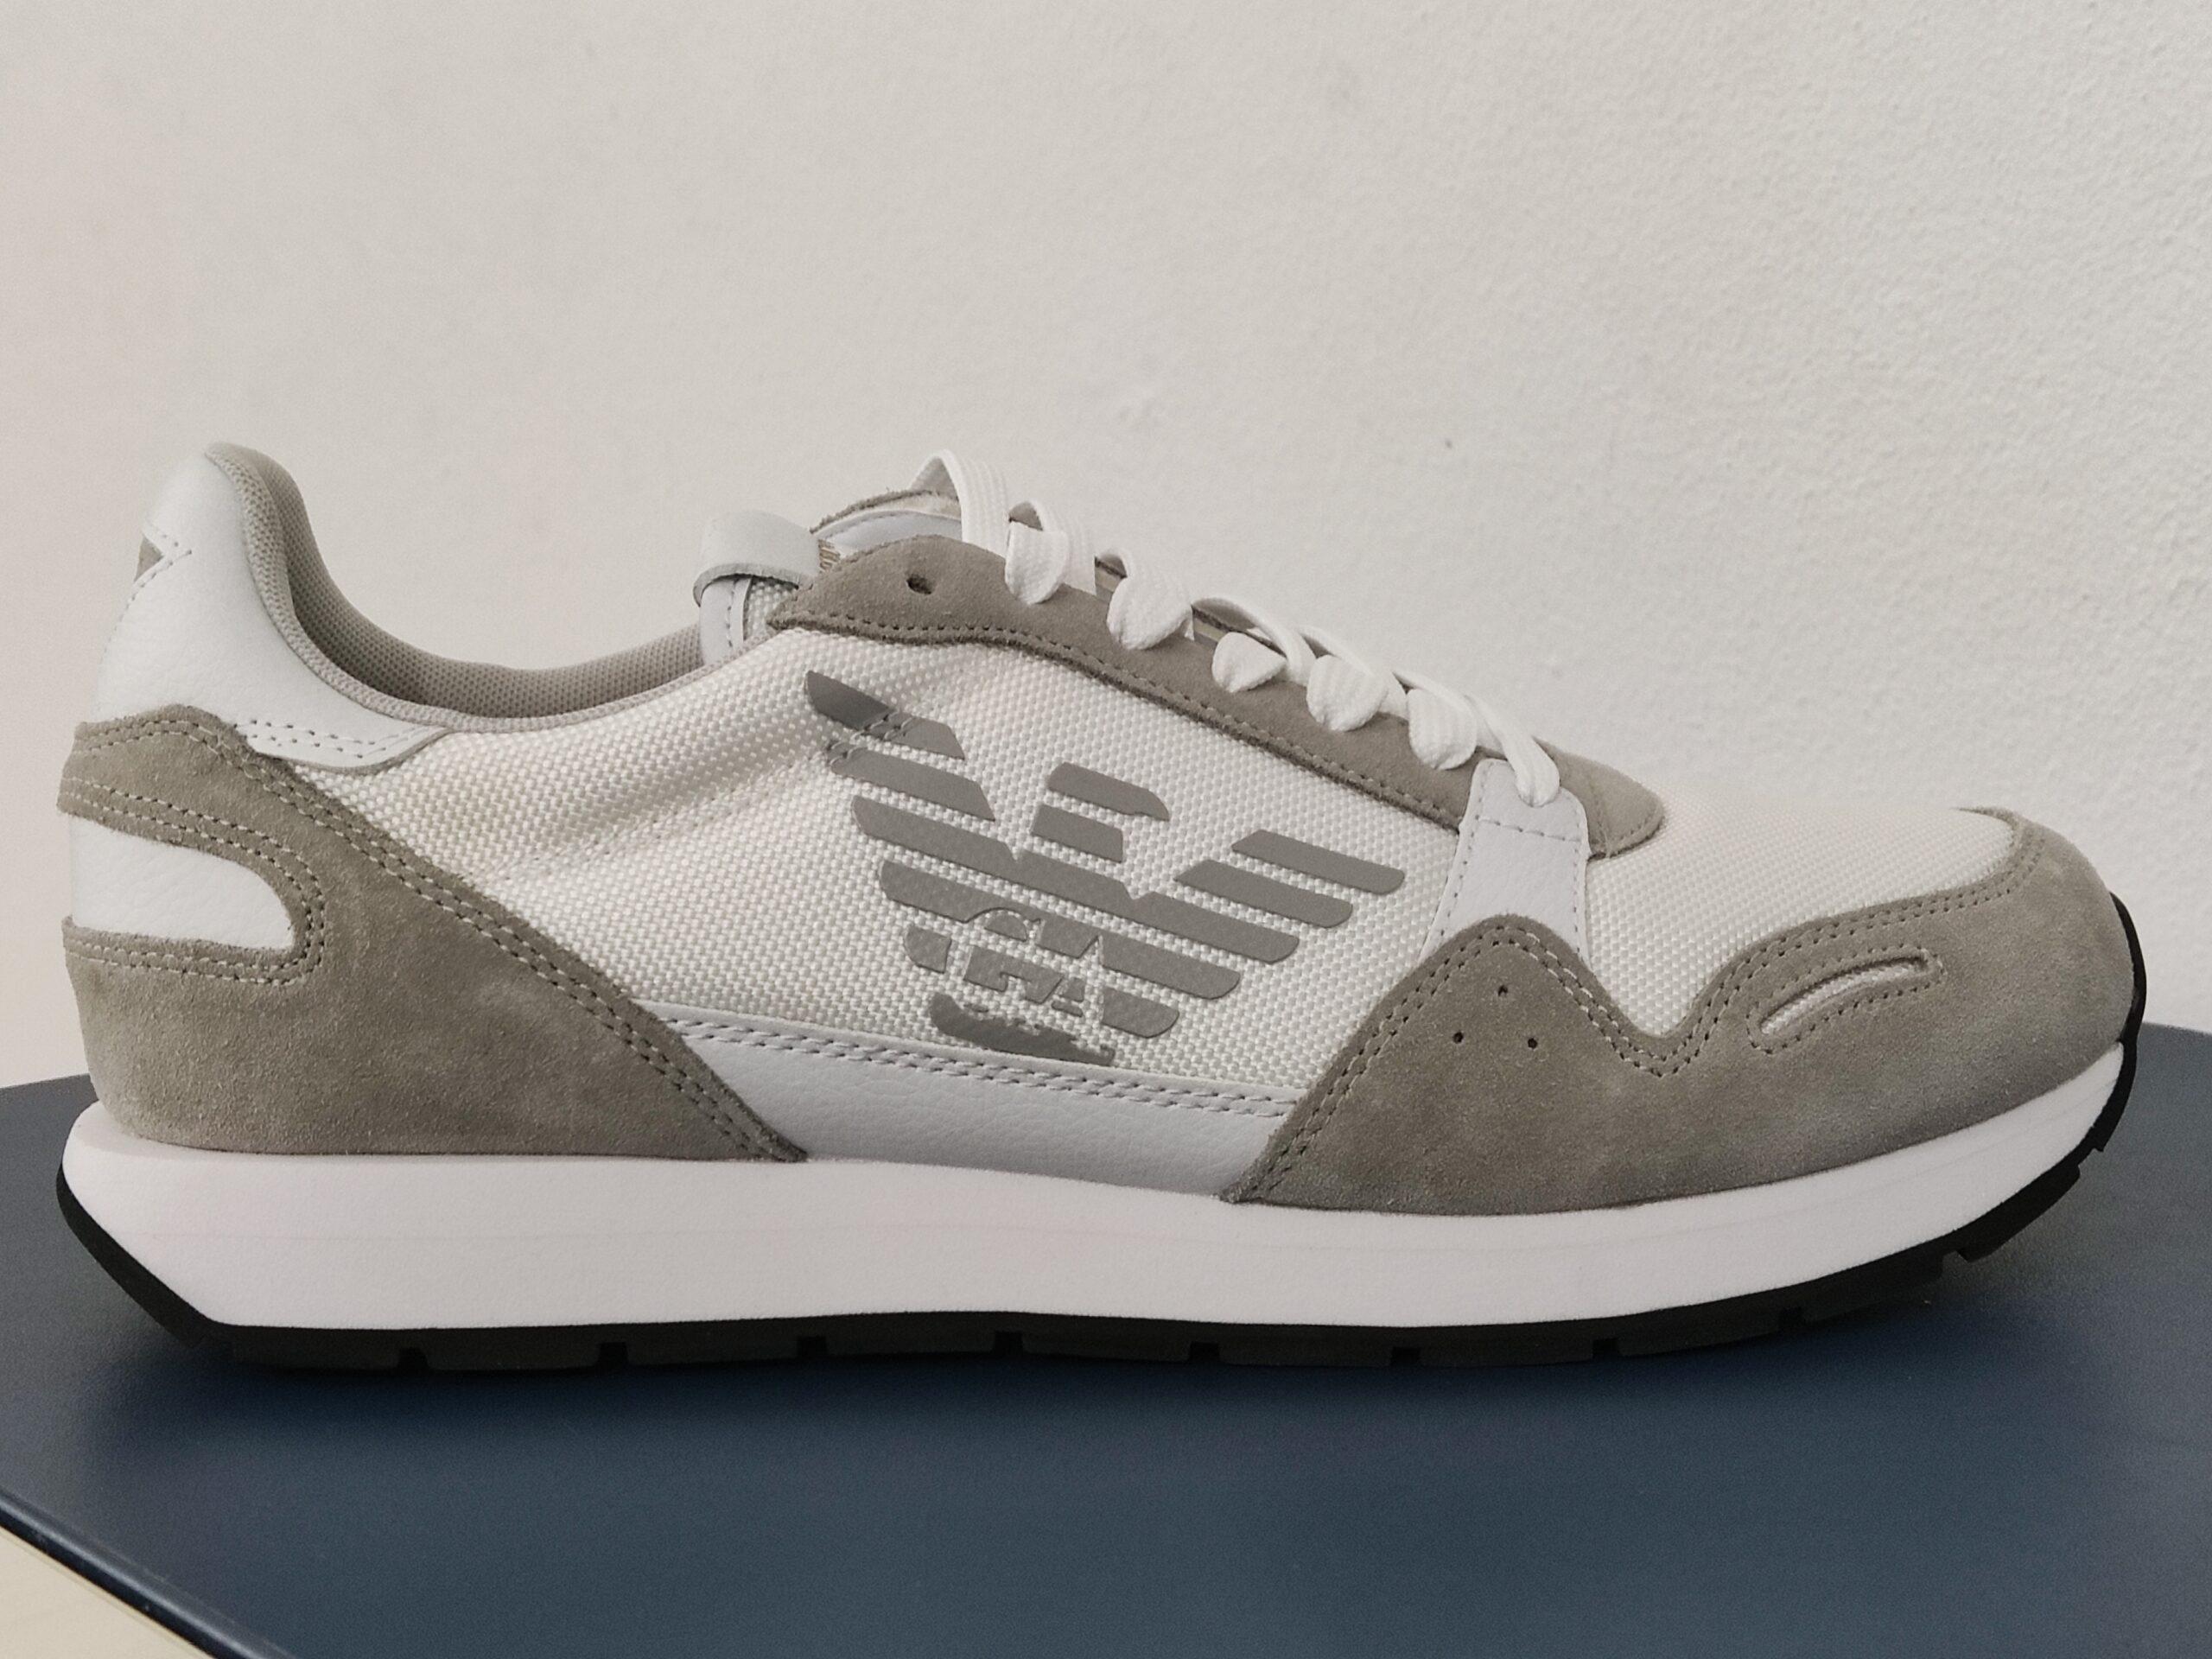 Vendo Sneakers Taglia 42 ARMANI Uomo - Benvenuti su ShopFUTURO